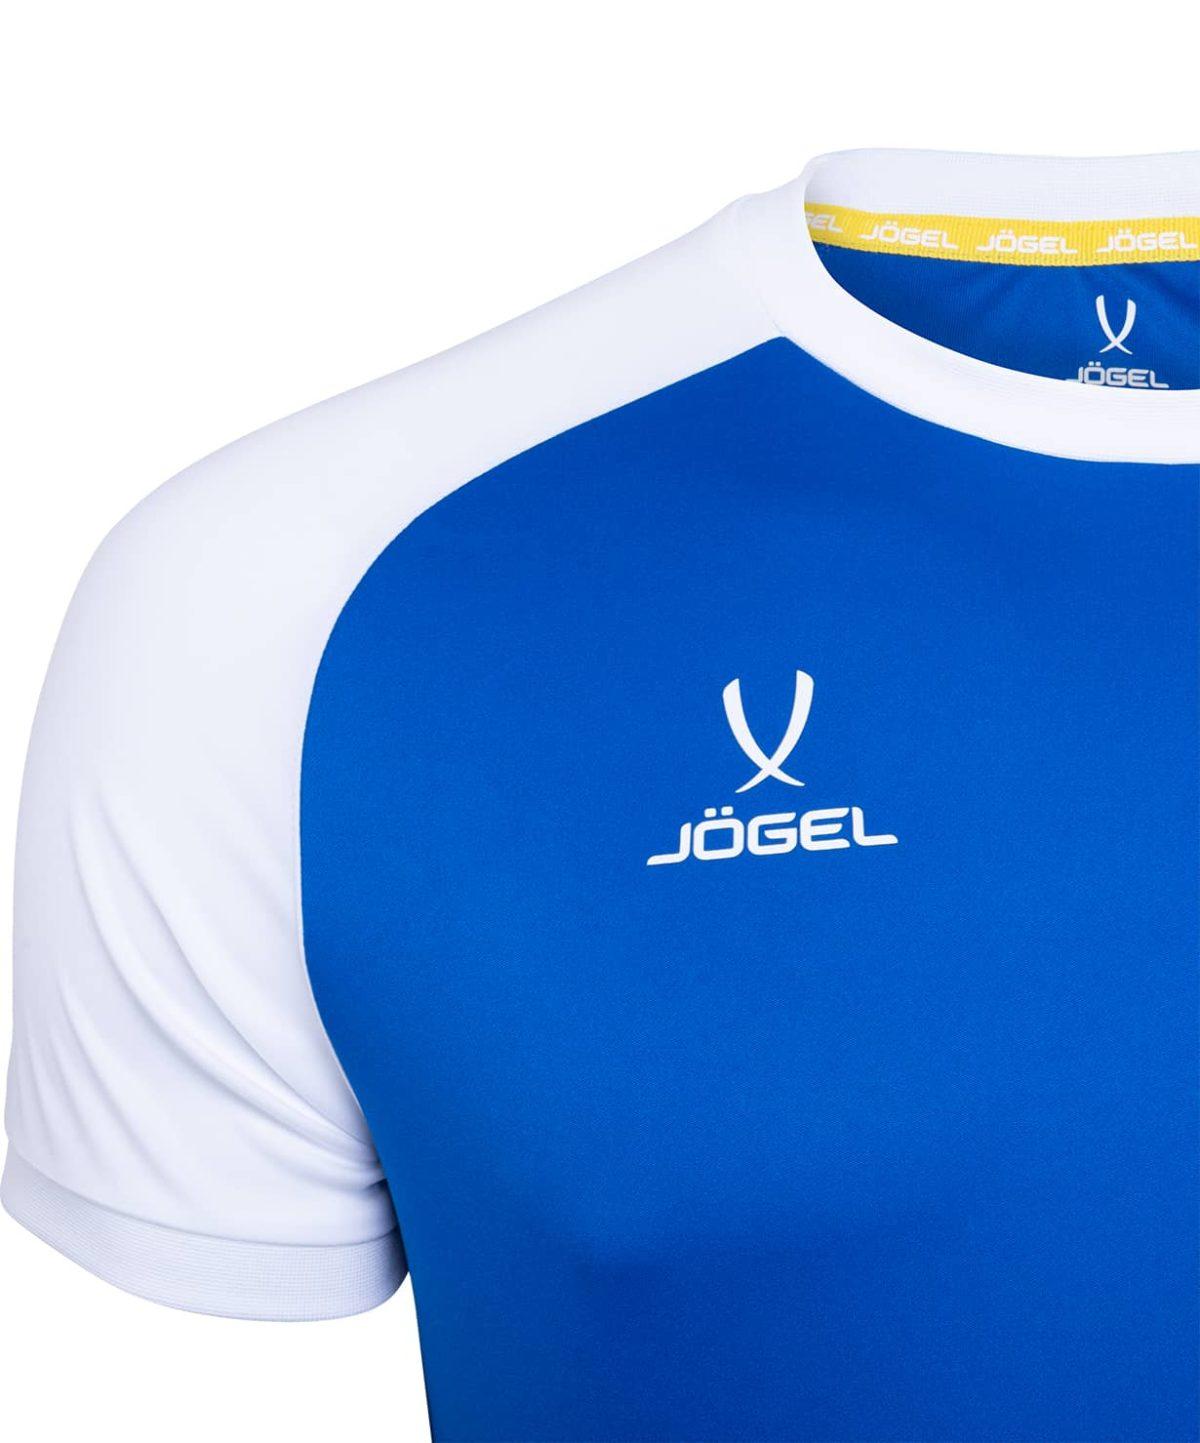 JOGEL CAMP Reglan футболка футбольная, синий/белый  JFT-1021-071 - 3